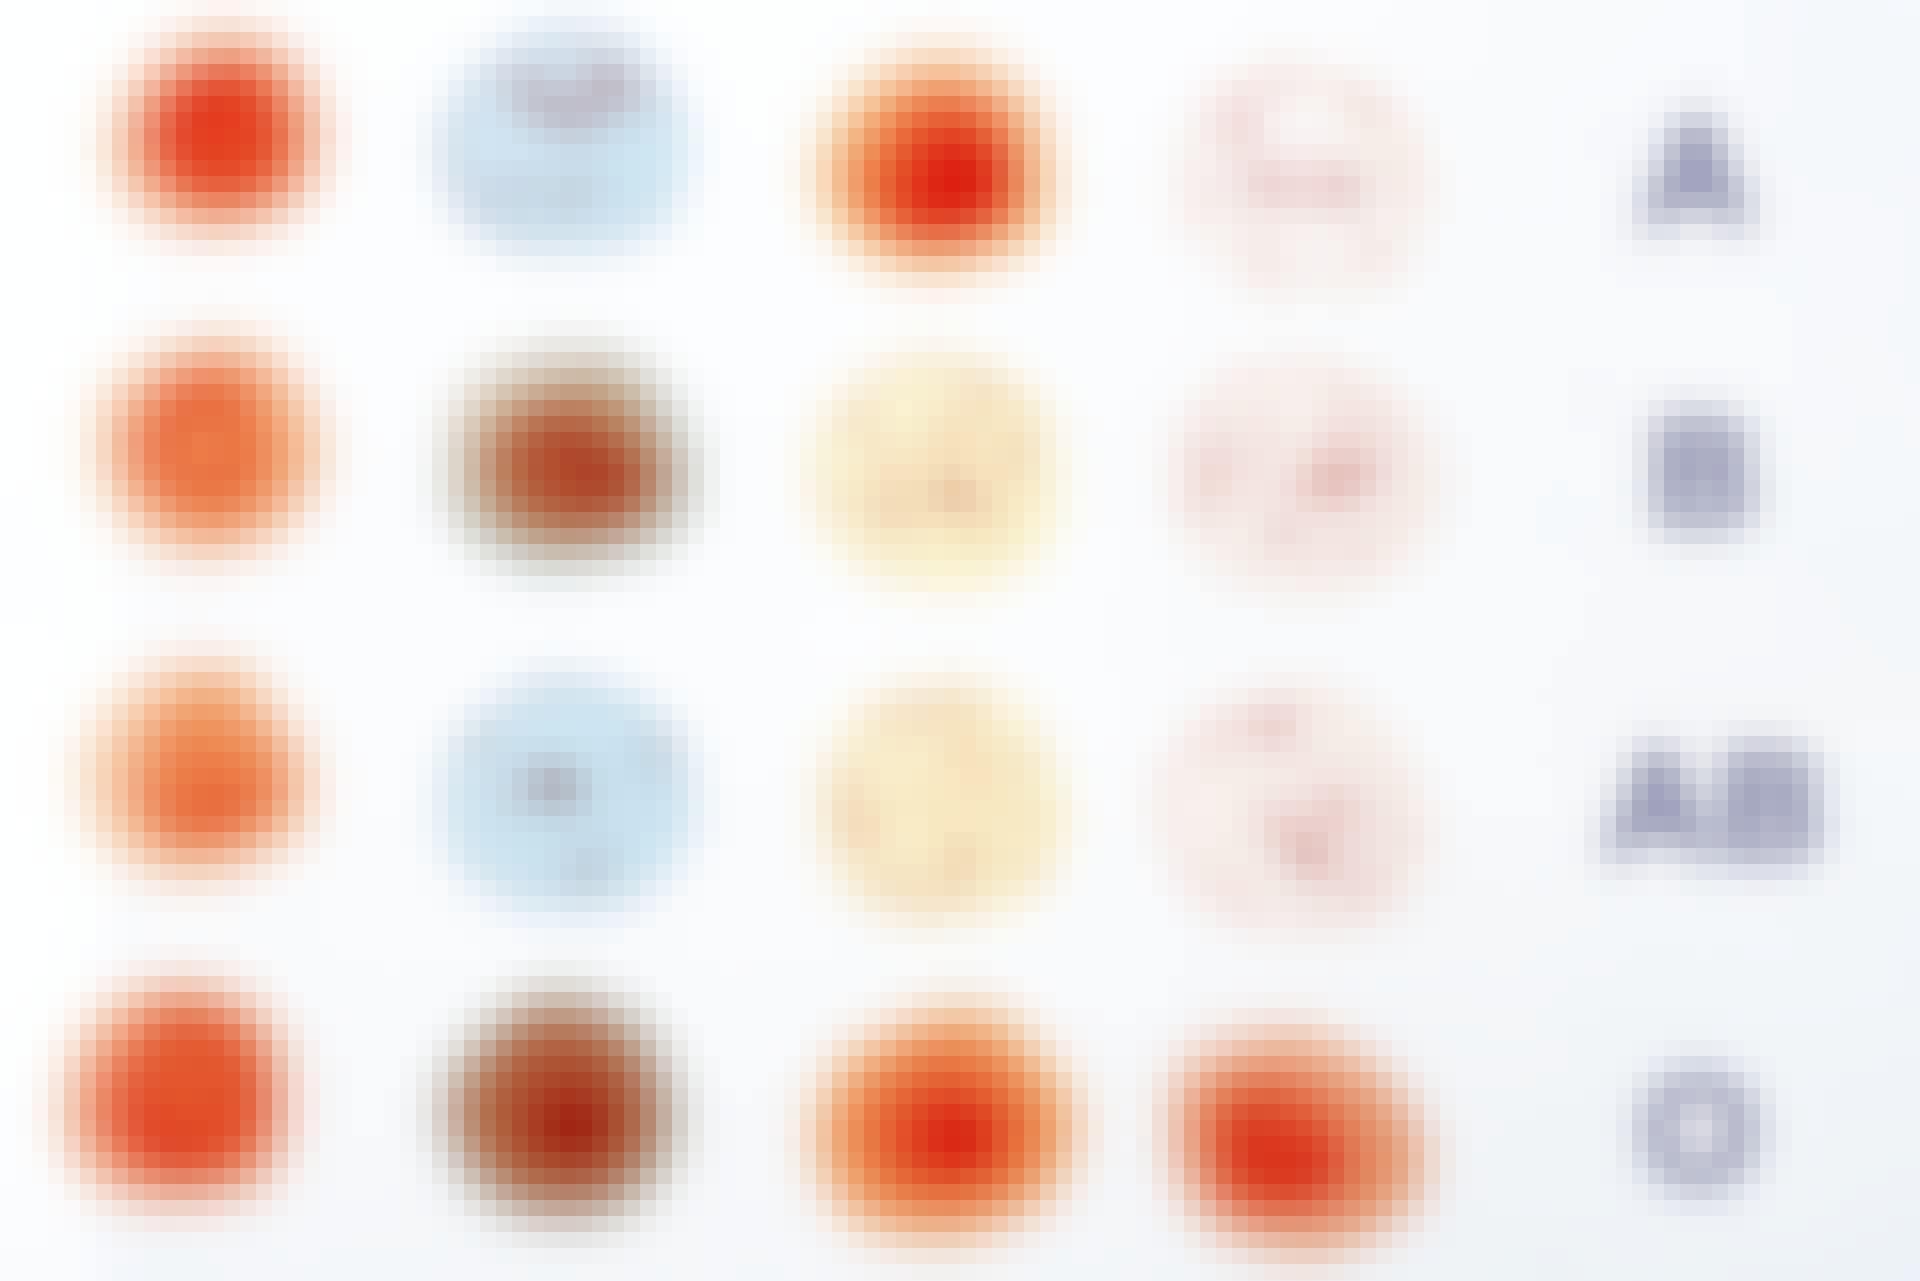 Blodtyper: Hvordan er blodtyperne opstået?